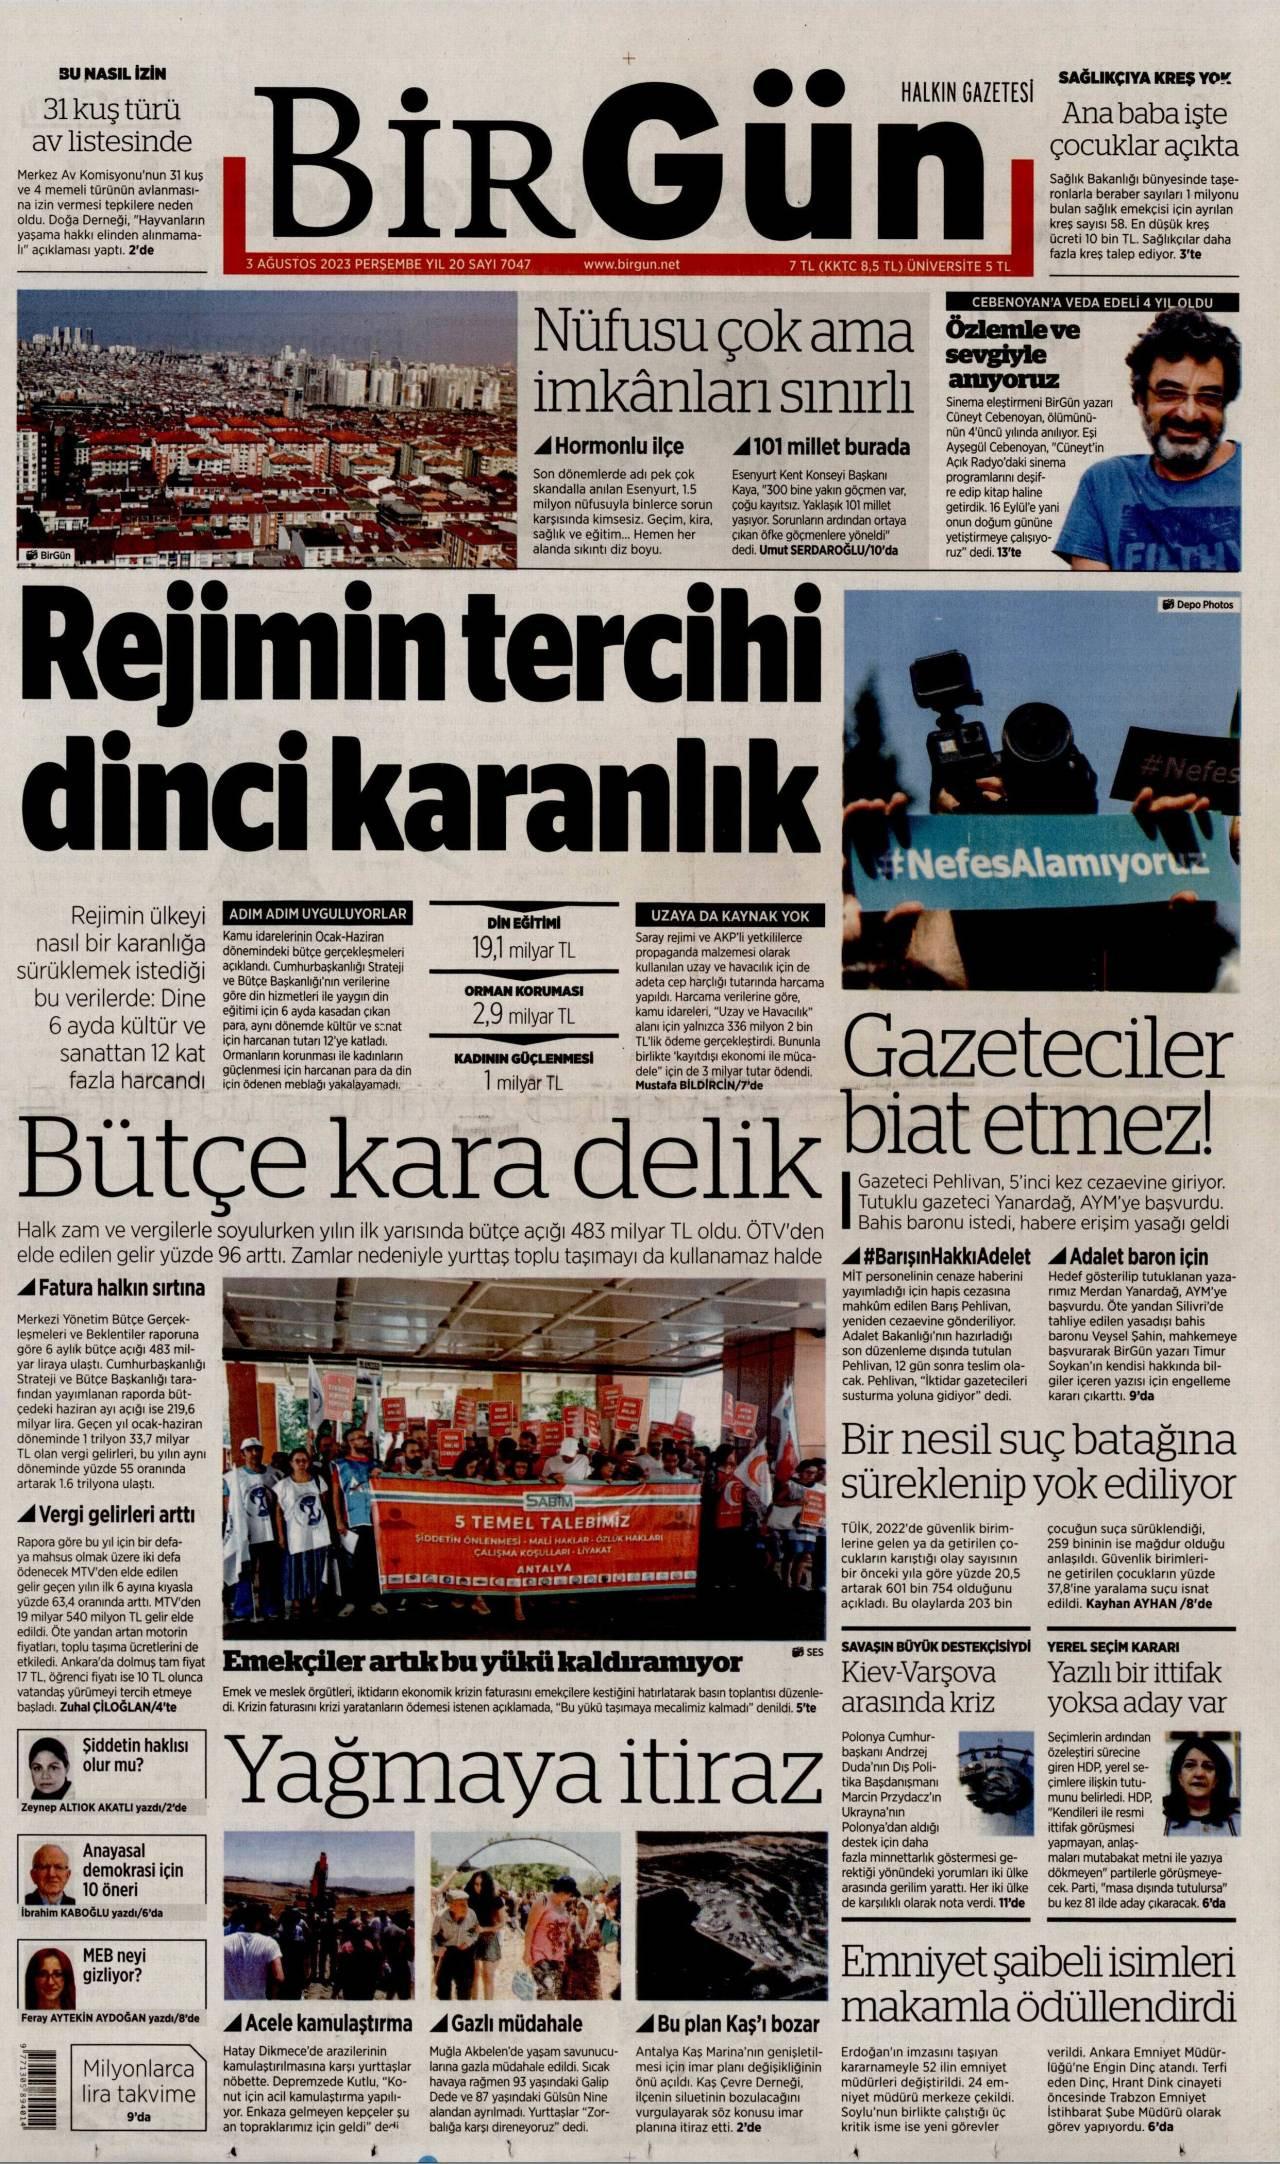 22 Mayıs 2019, Çarşamba birgun Gazetesi